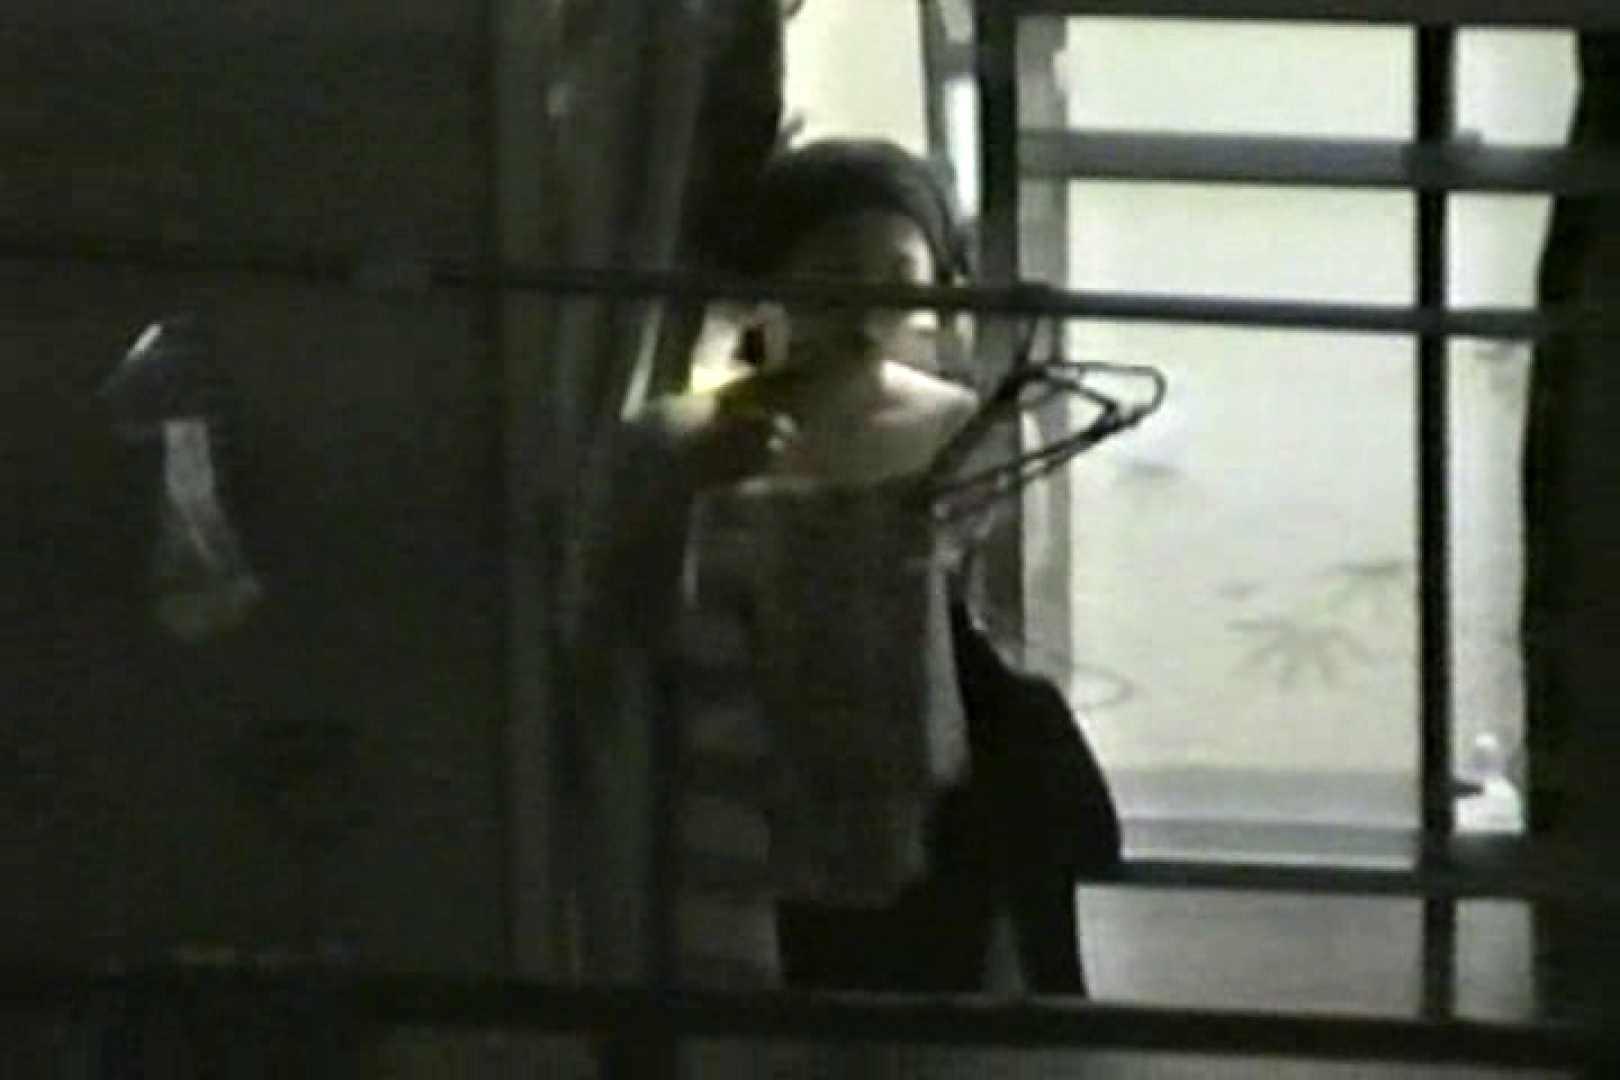 究極の民家覗き撮りVol.4 美しいOLの裸体   民家  73pic 31